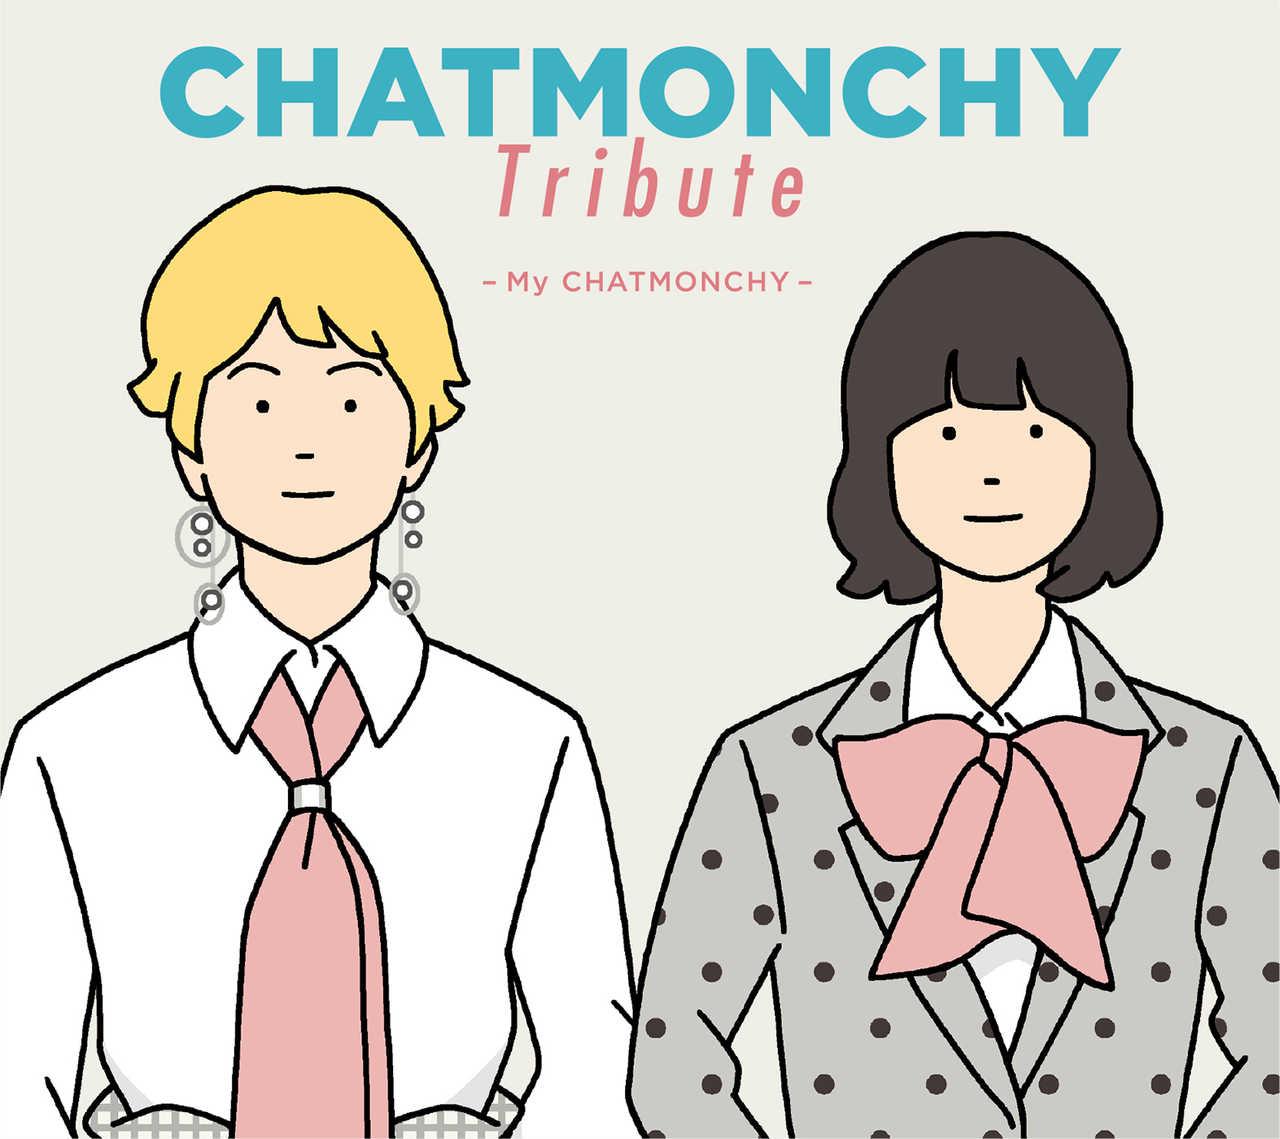 アルバム『CHATMONCHY Tribute ~My CHATMONCHY~』